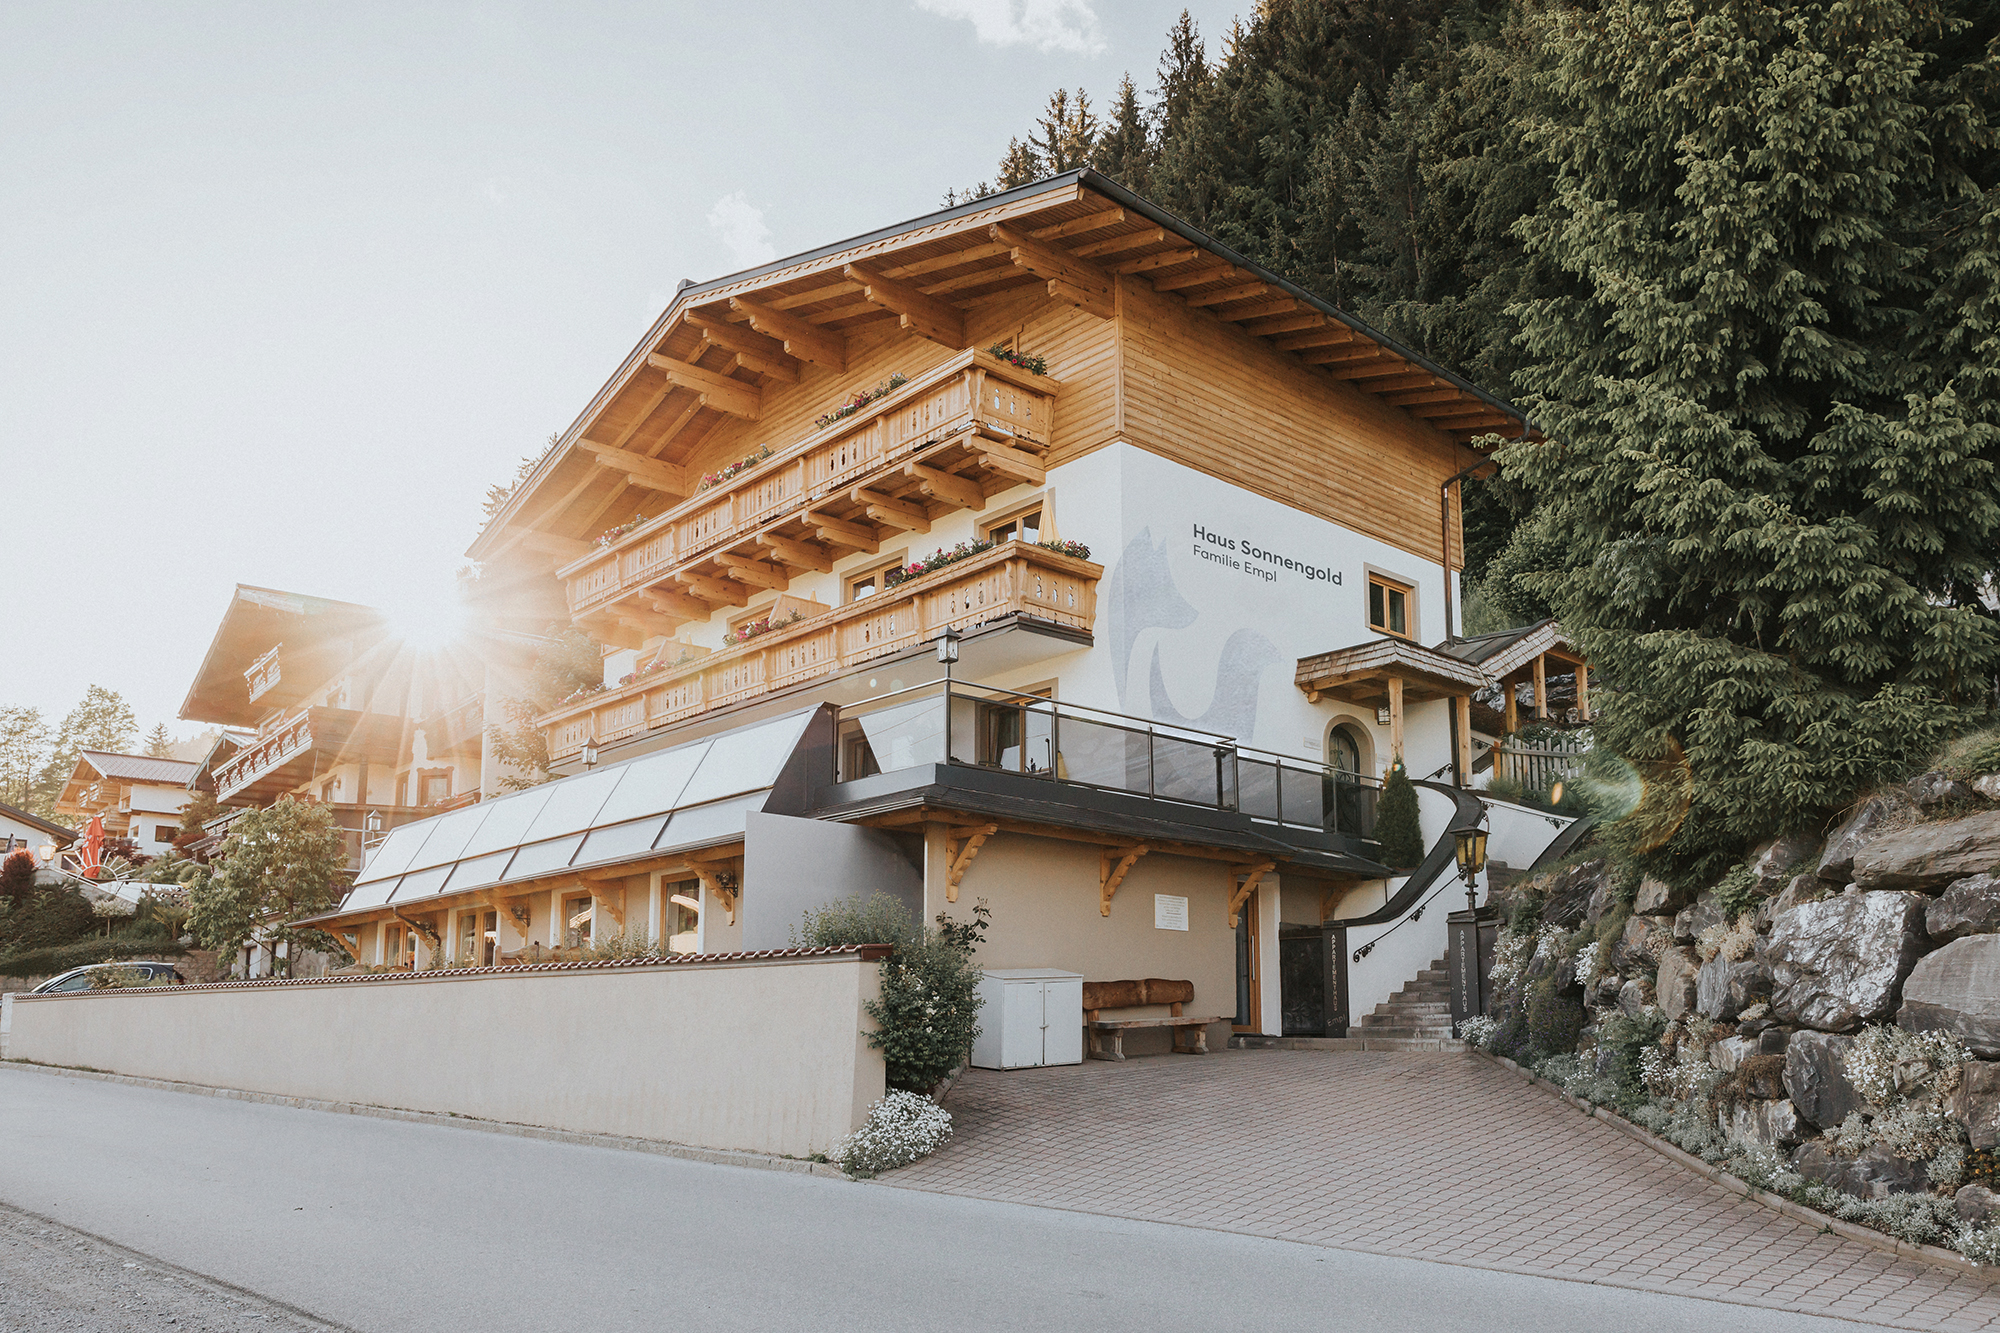 Haus Sonnengold mit großen Suiten © Zuparino / Niko Zuparic